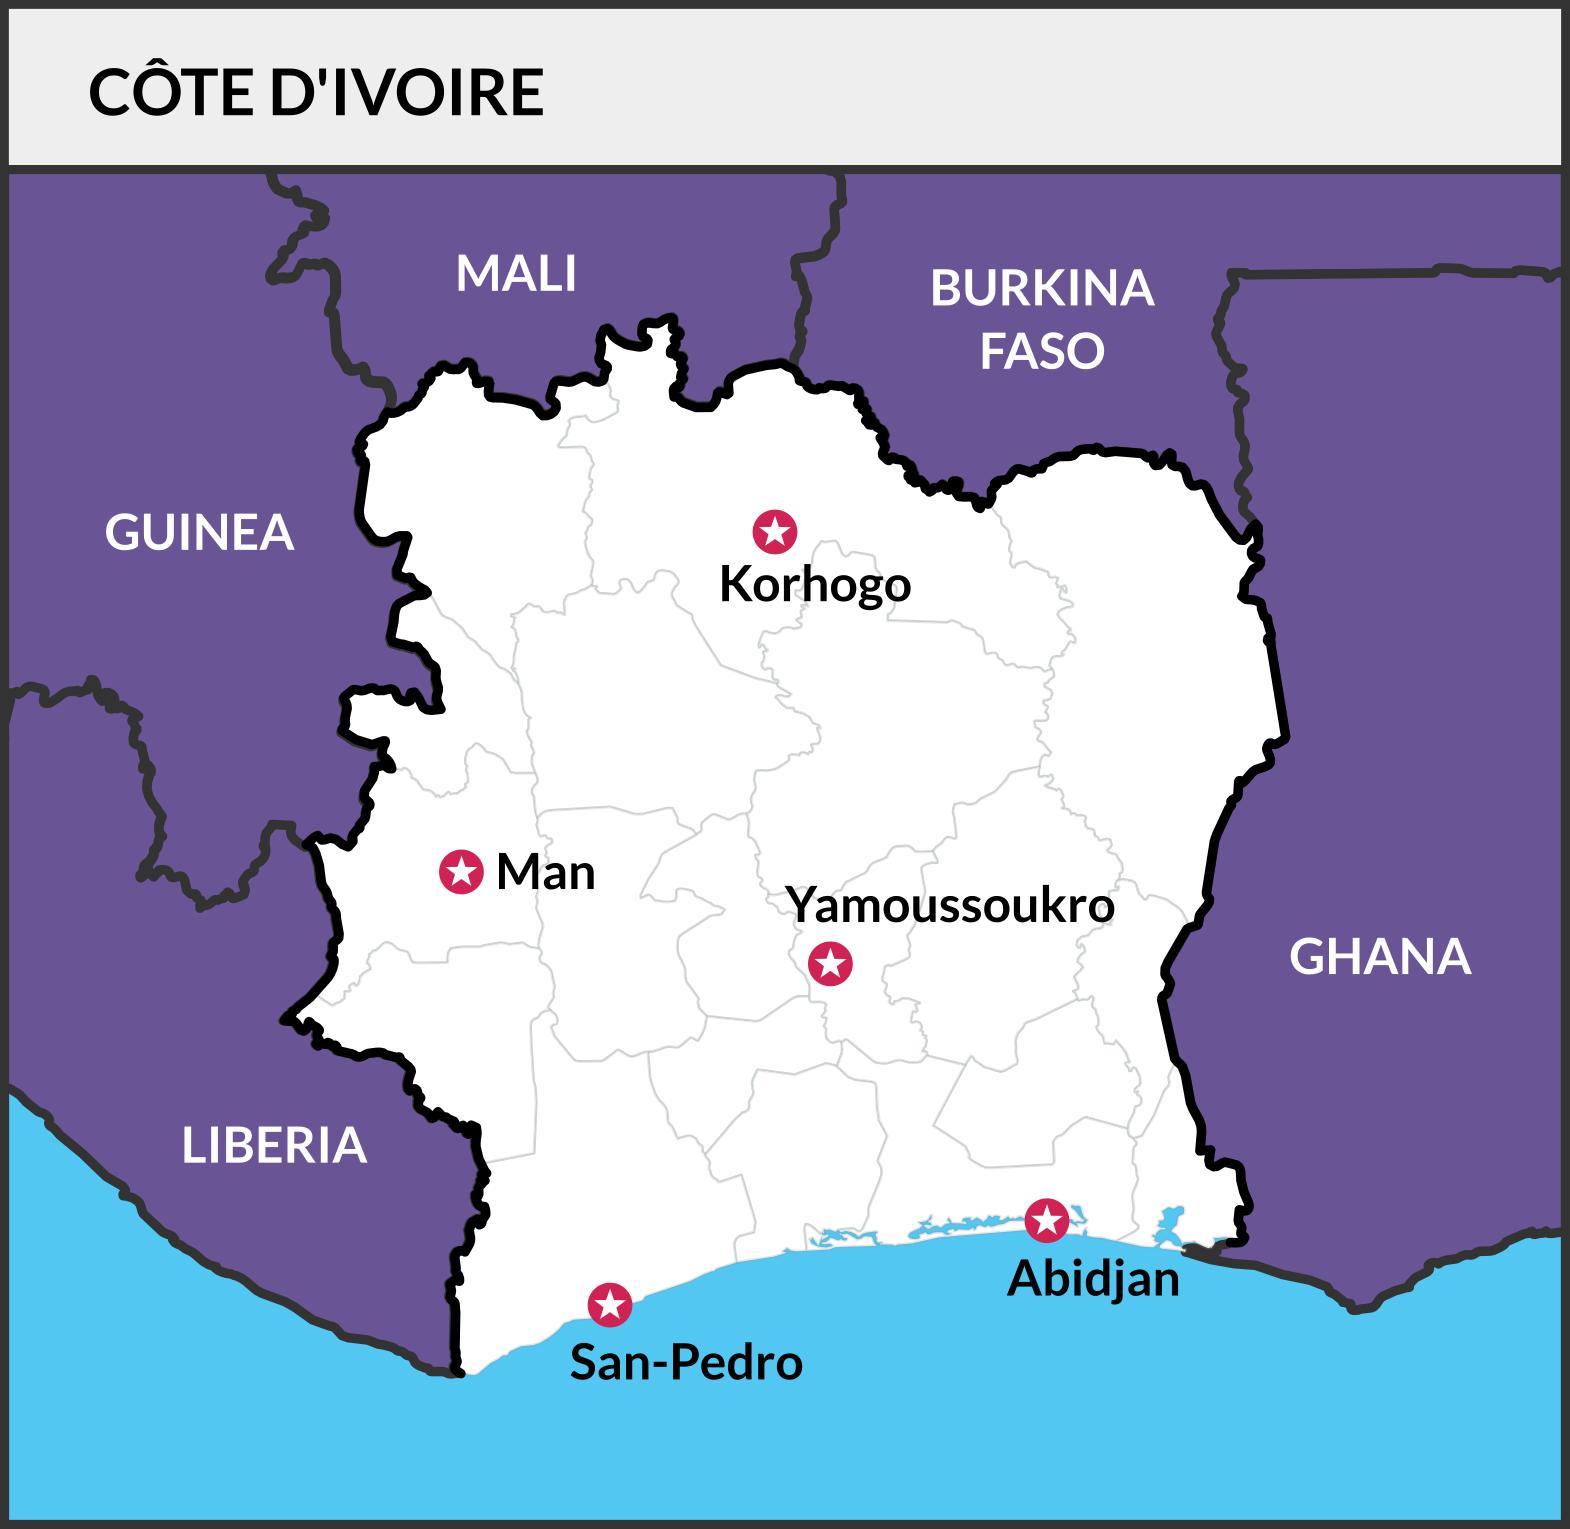 Catalystas Map of Cote d'Ivoire